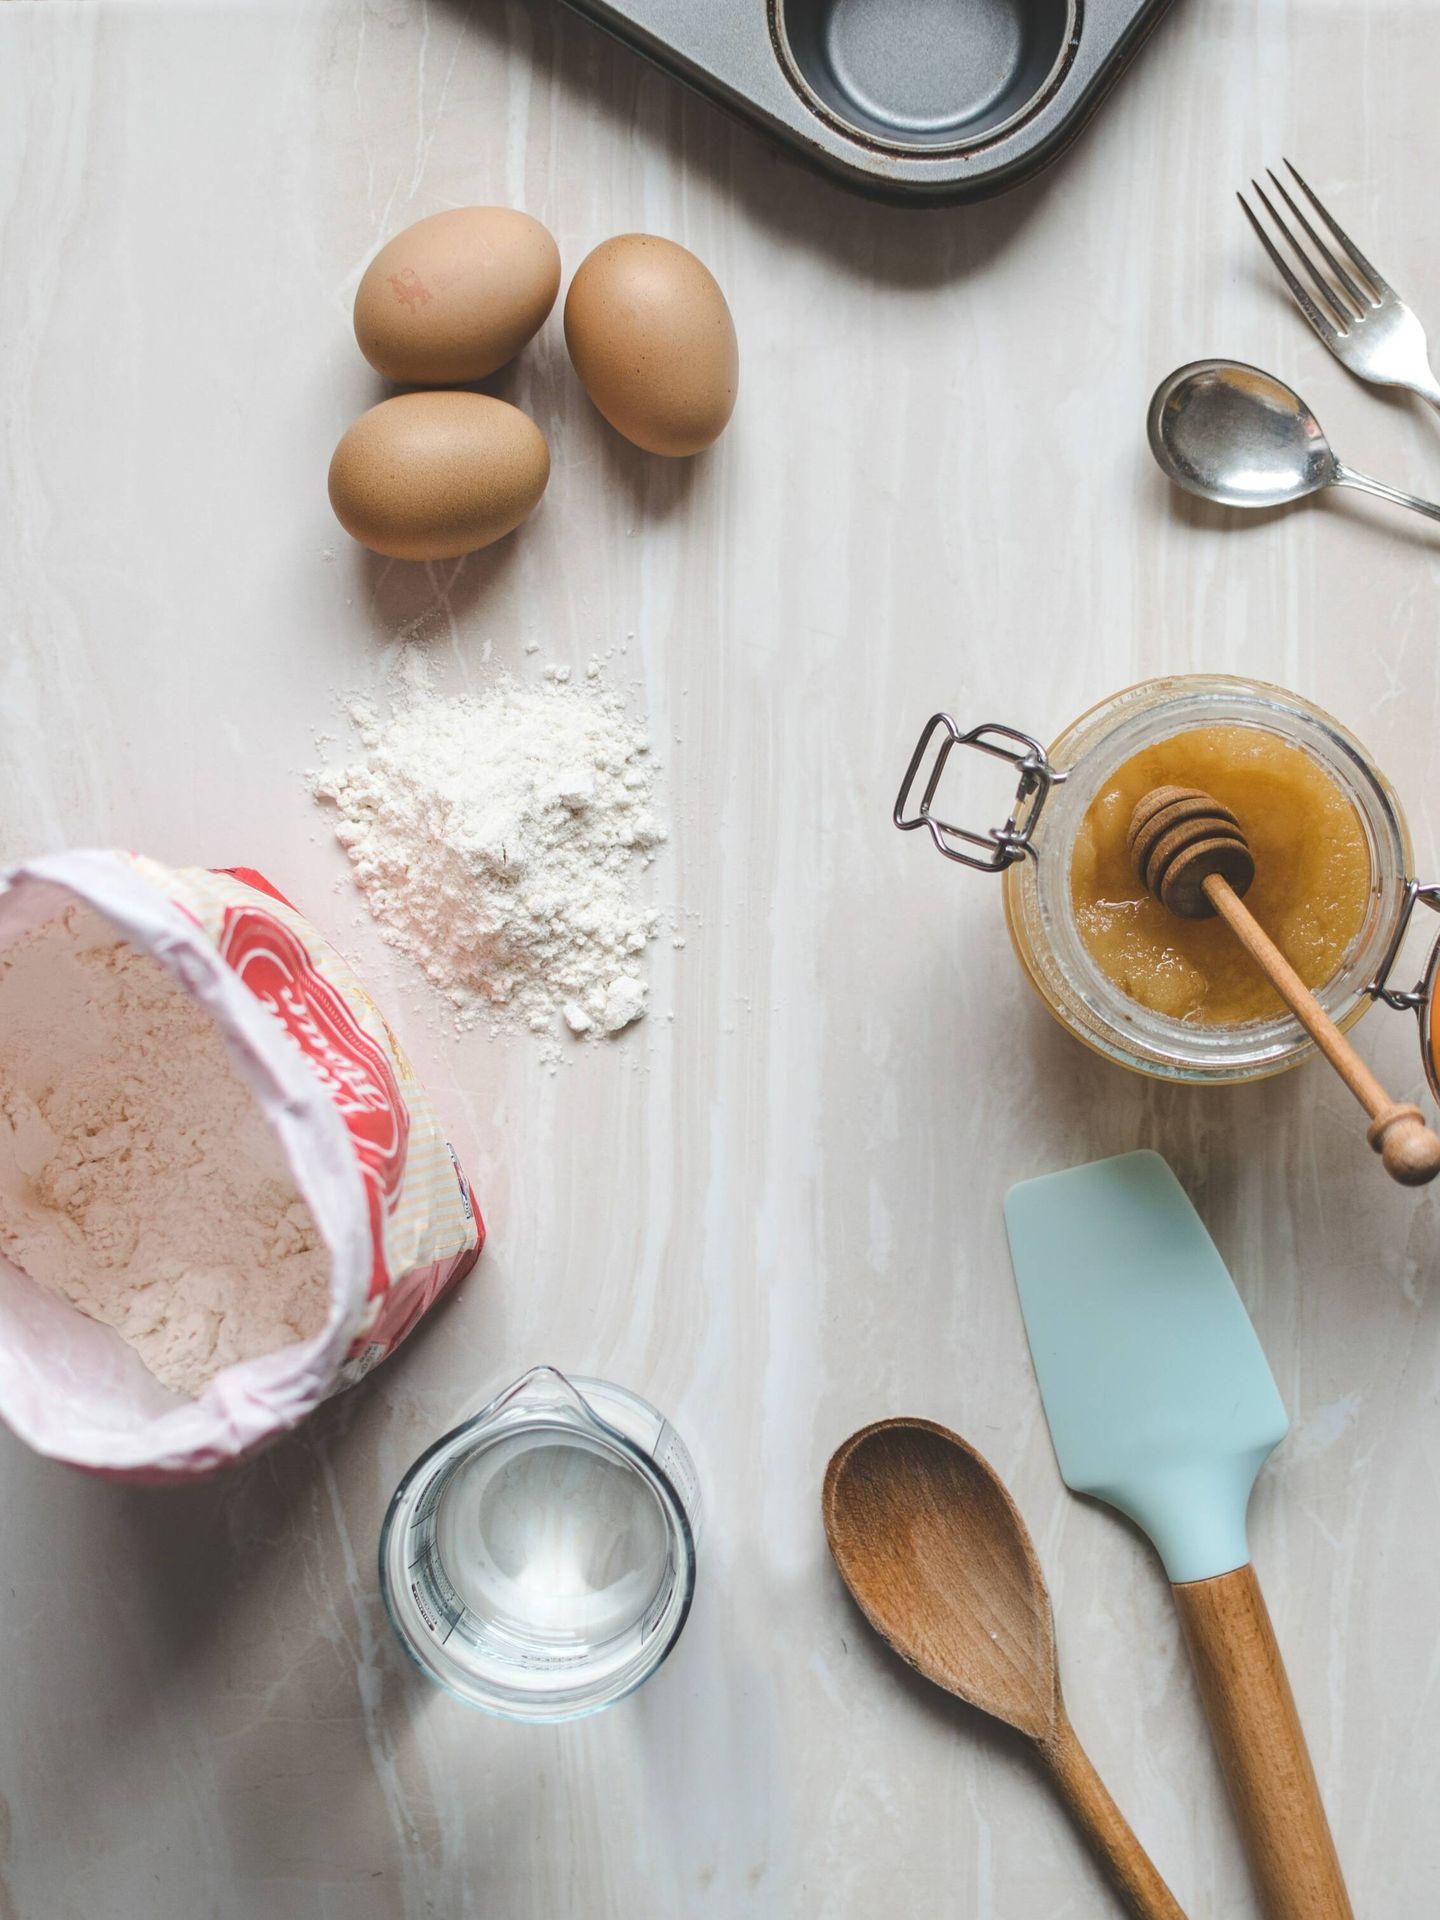 Recetas sencillas de bizcochos sin azúcar en Instagram. (Calum Lewis para Unsplash)